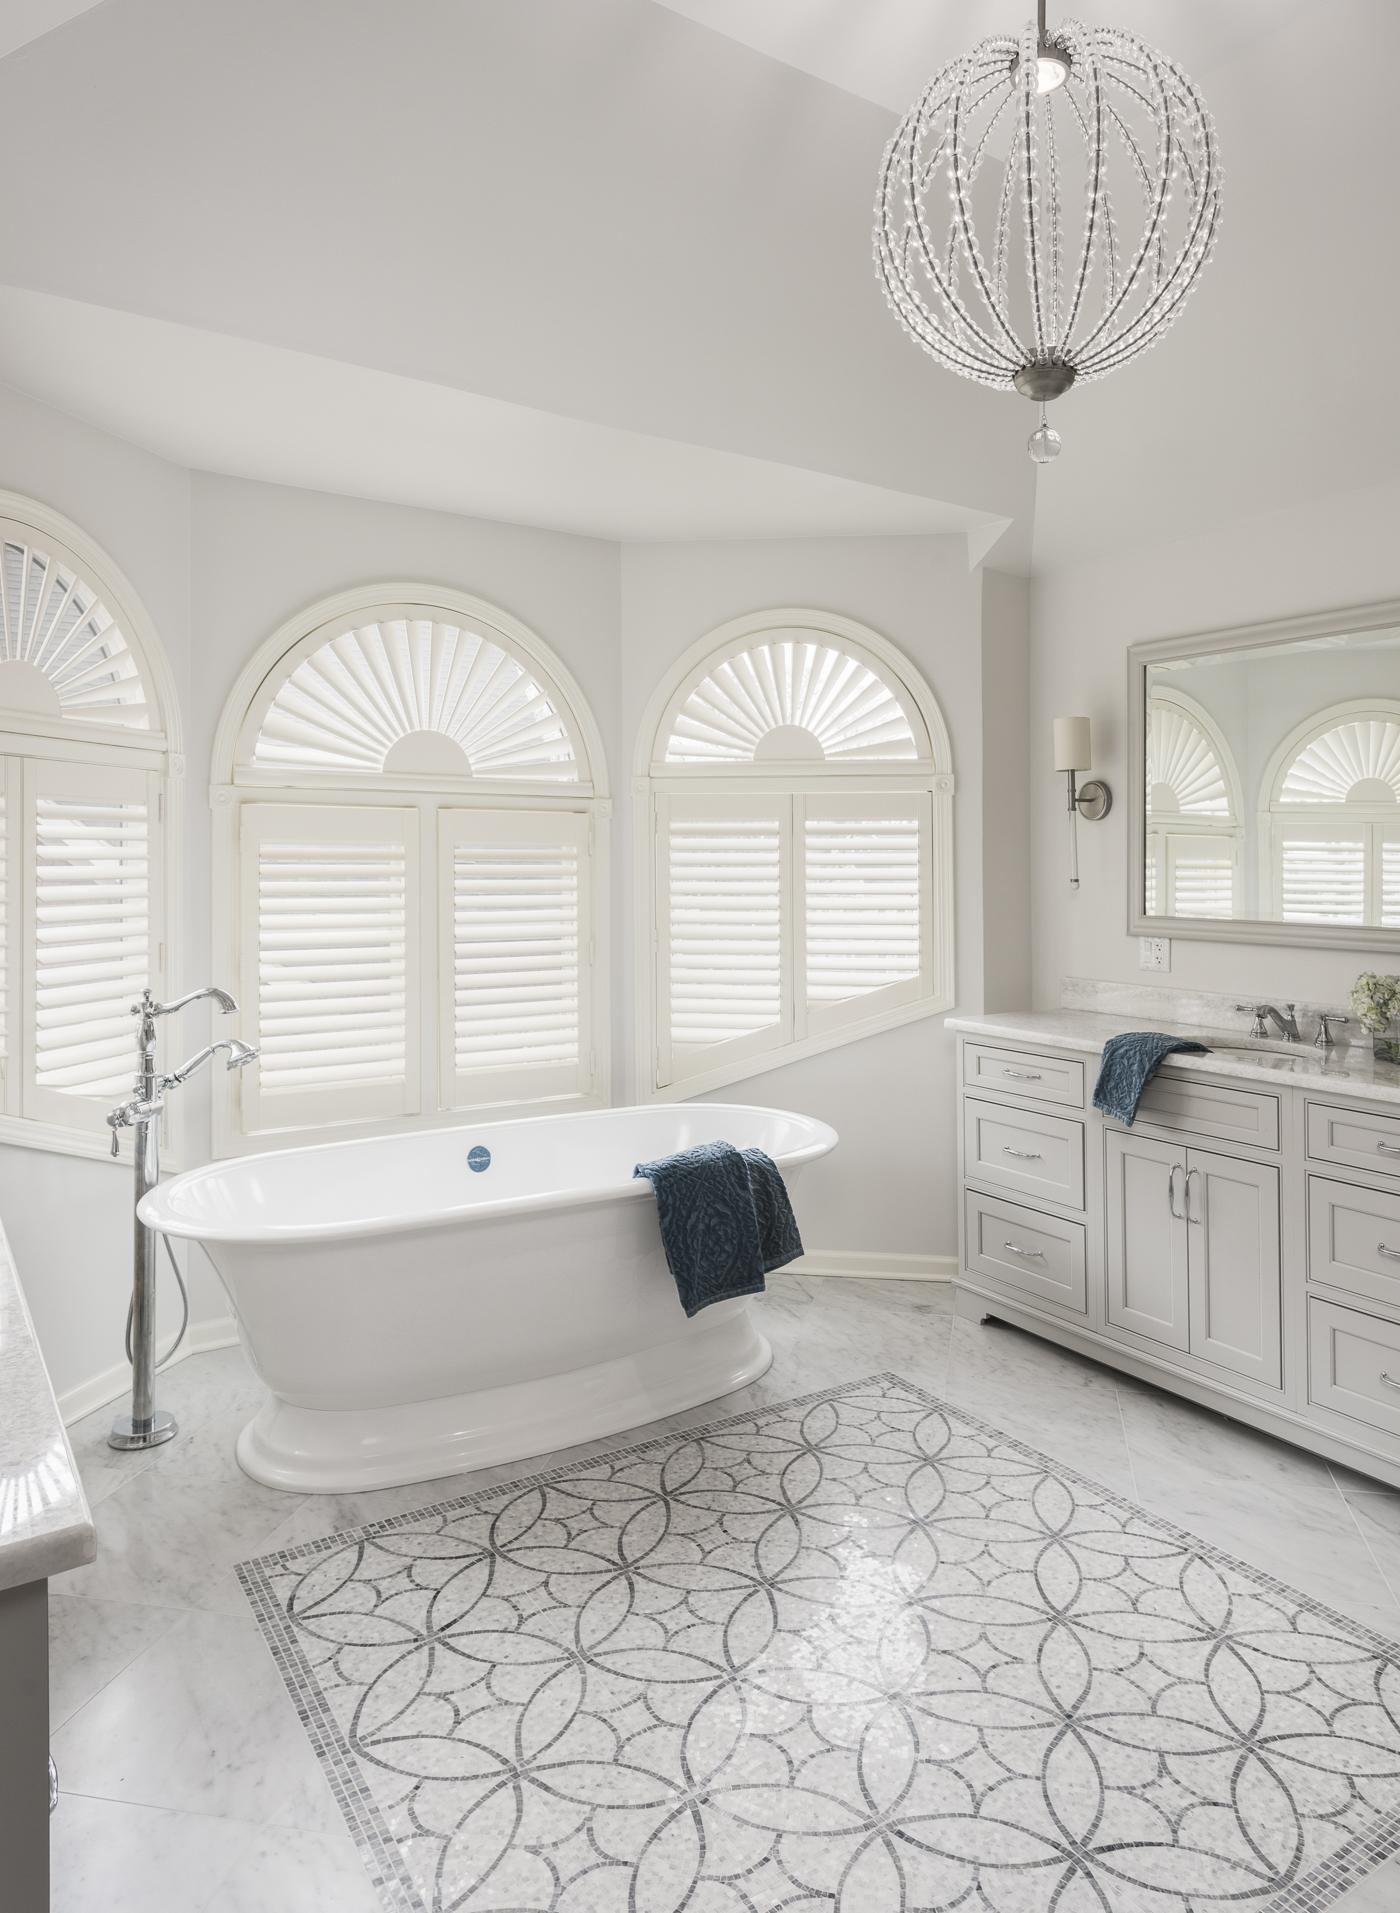 Tile-rug.. Best +60 Ideas to Enhance Your Bathroom's Luxuriousness